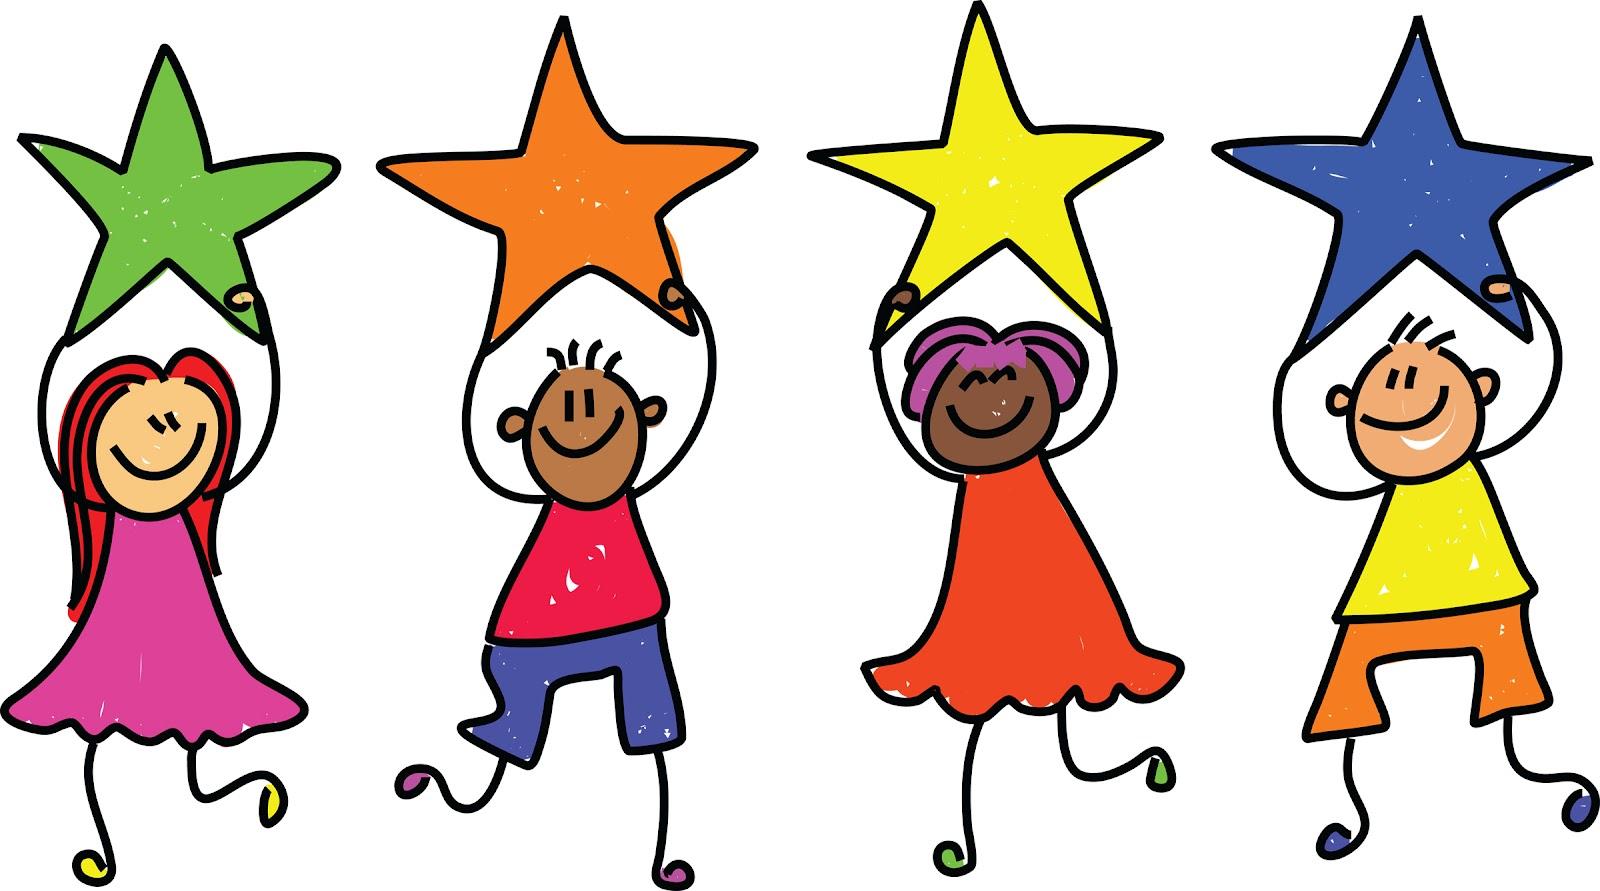 1600x891 Free Kindergarten Clipart Image